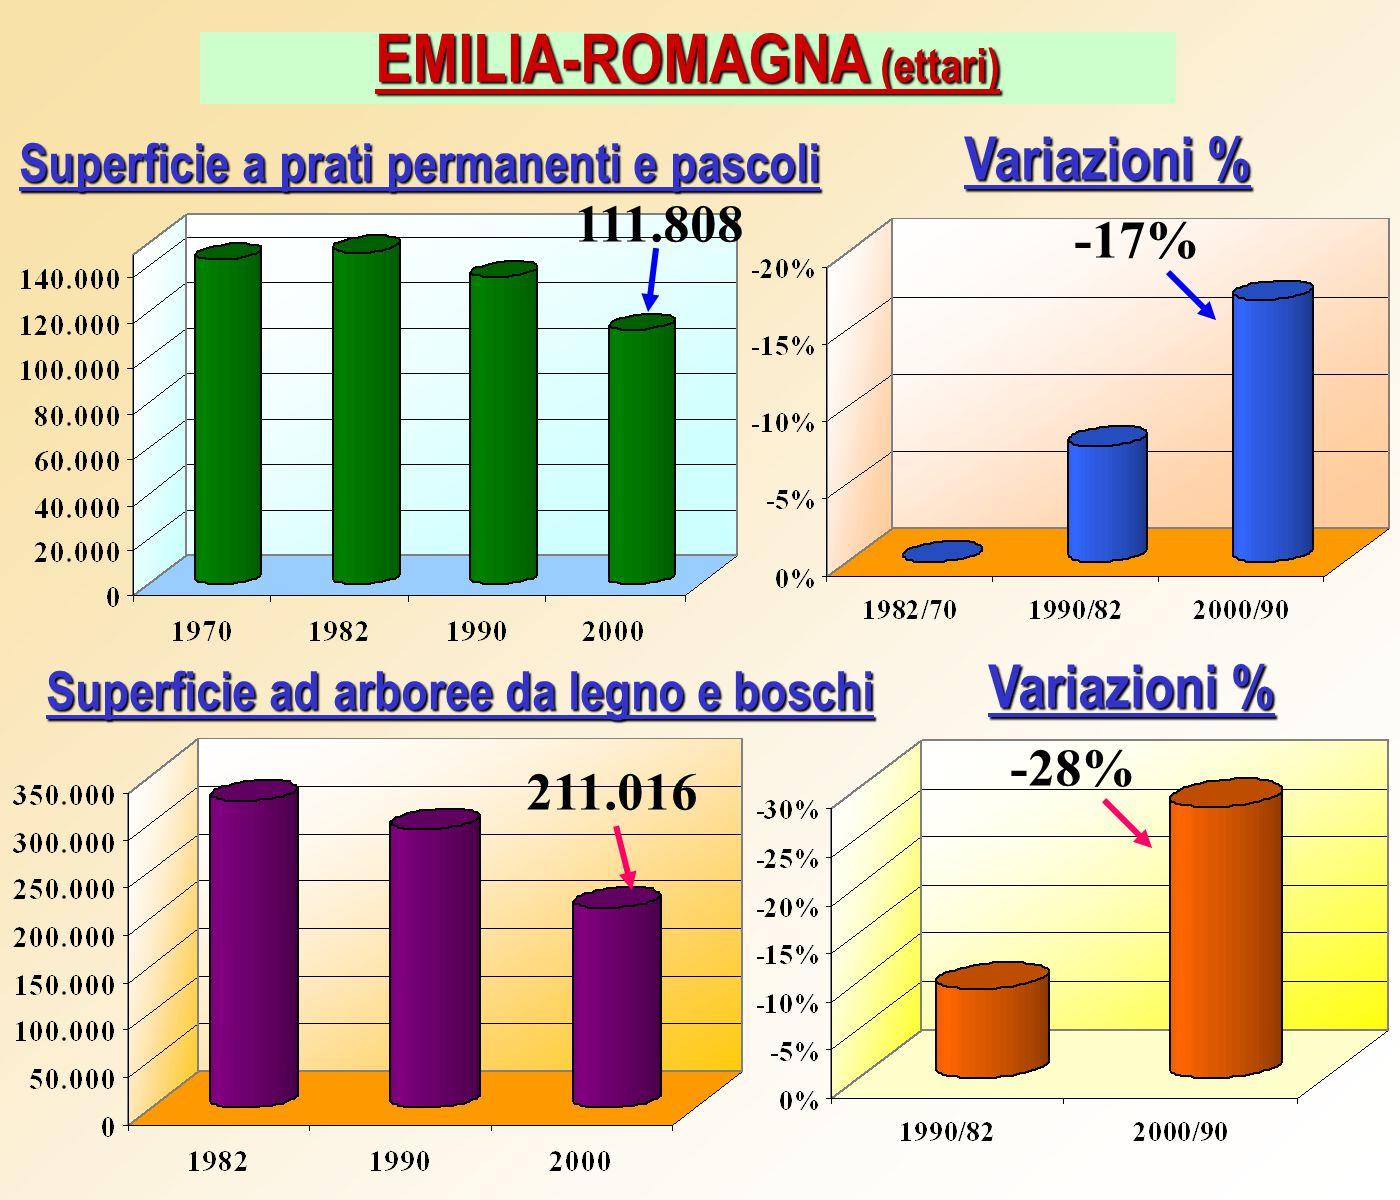 EMILIA-ROMAGNA (ettari) Variazioni % Superficie a prati permanenti e pascoli Superficie ad arboree da legno e boschi Variazioni % 111.808 211.016 -17% -28%